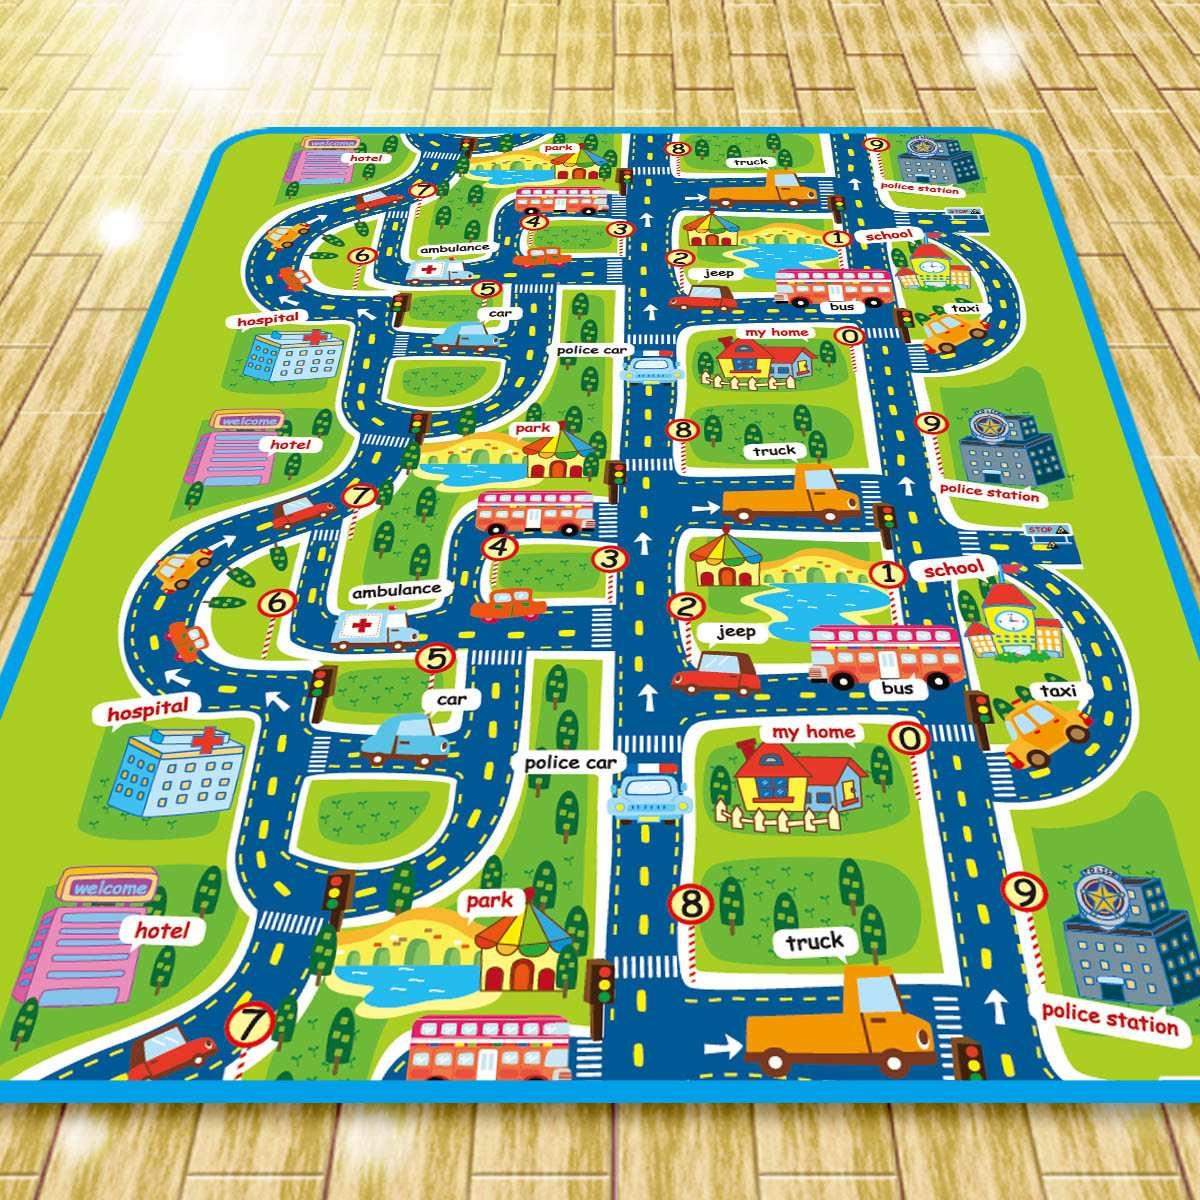 PE coton enfants tapis de jeu bébé jouant ramper tapis couverture tapis bambin infantile tapis de jeu 160x130 cm 200x160 cm enfants jouet